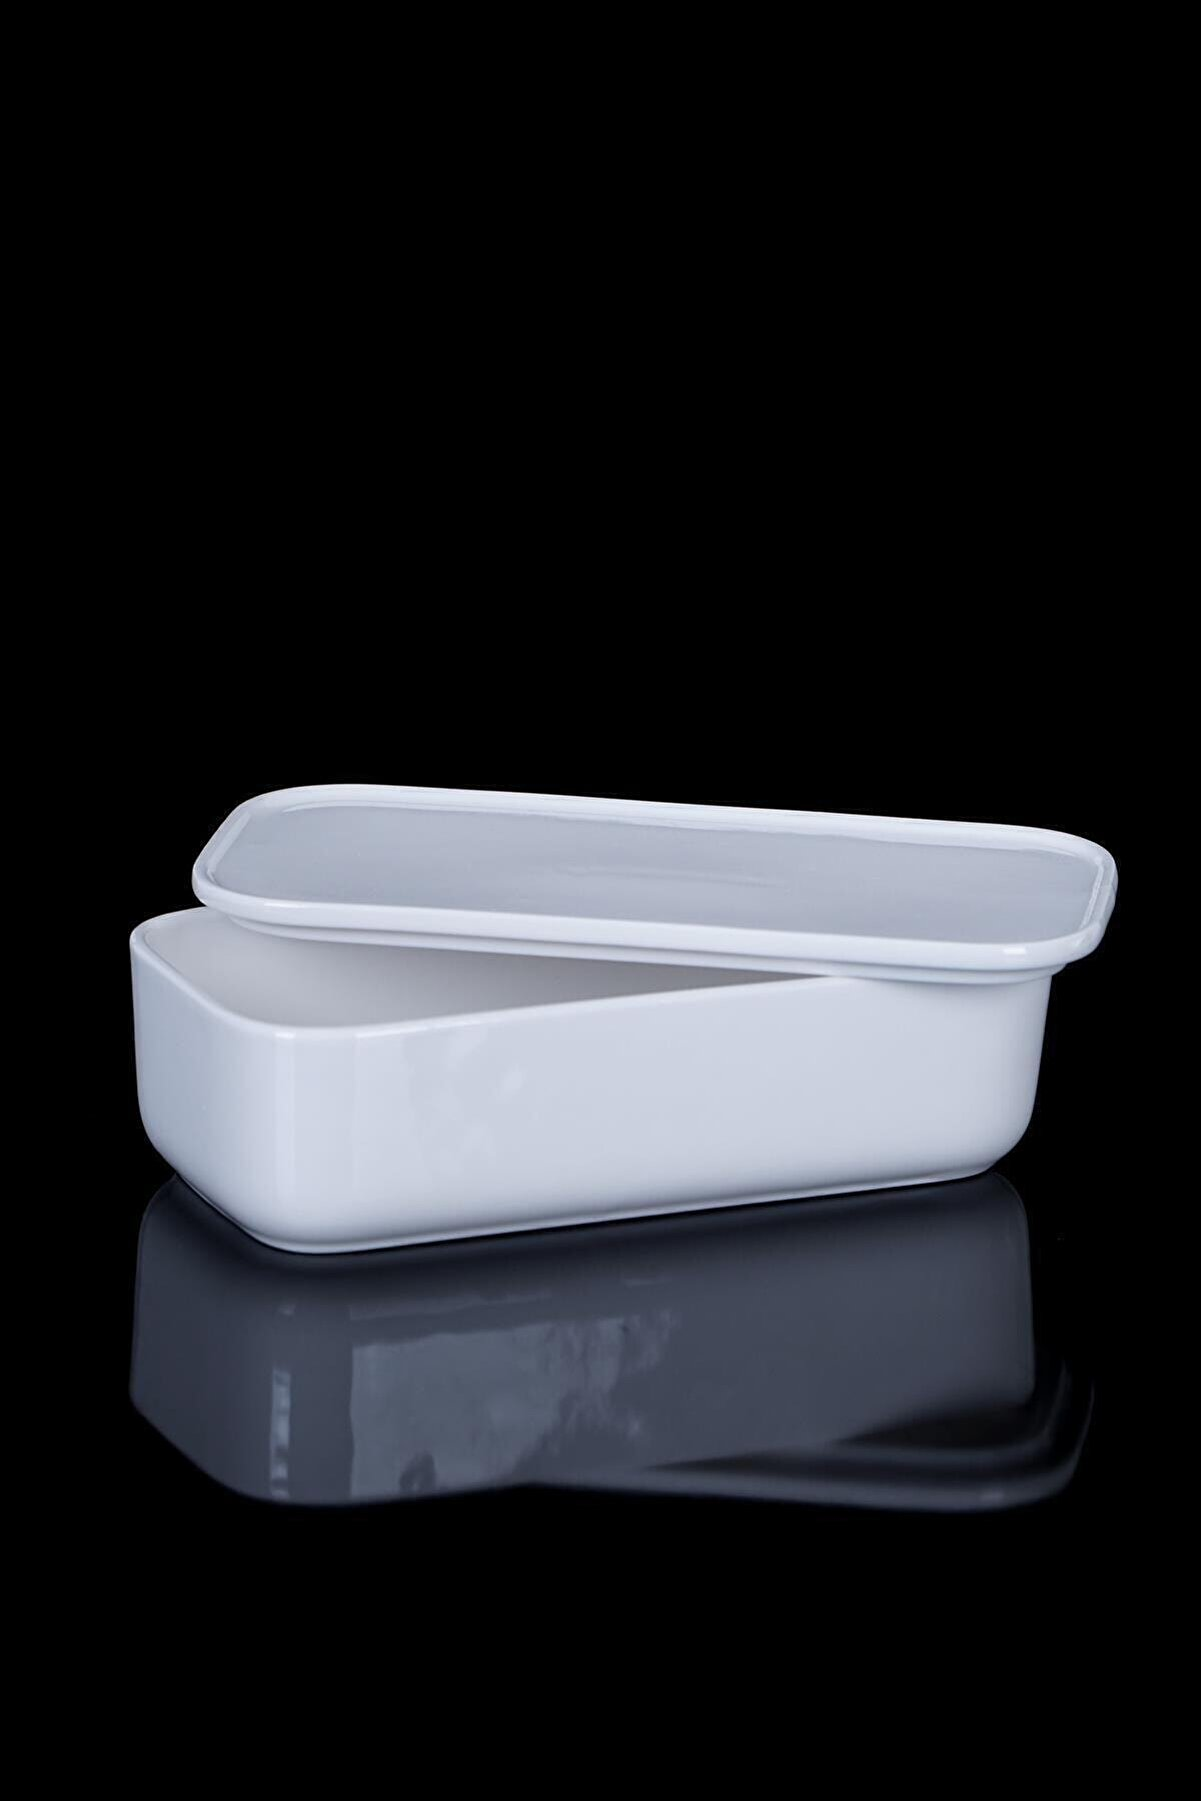 ACAR Pure White Porselen Dikdörtgen Kapaklı Kase - 18,5 Cm